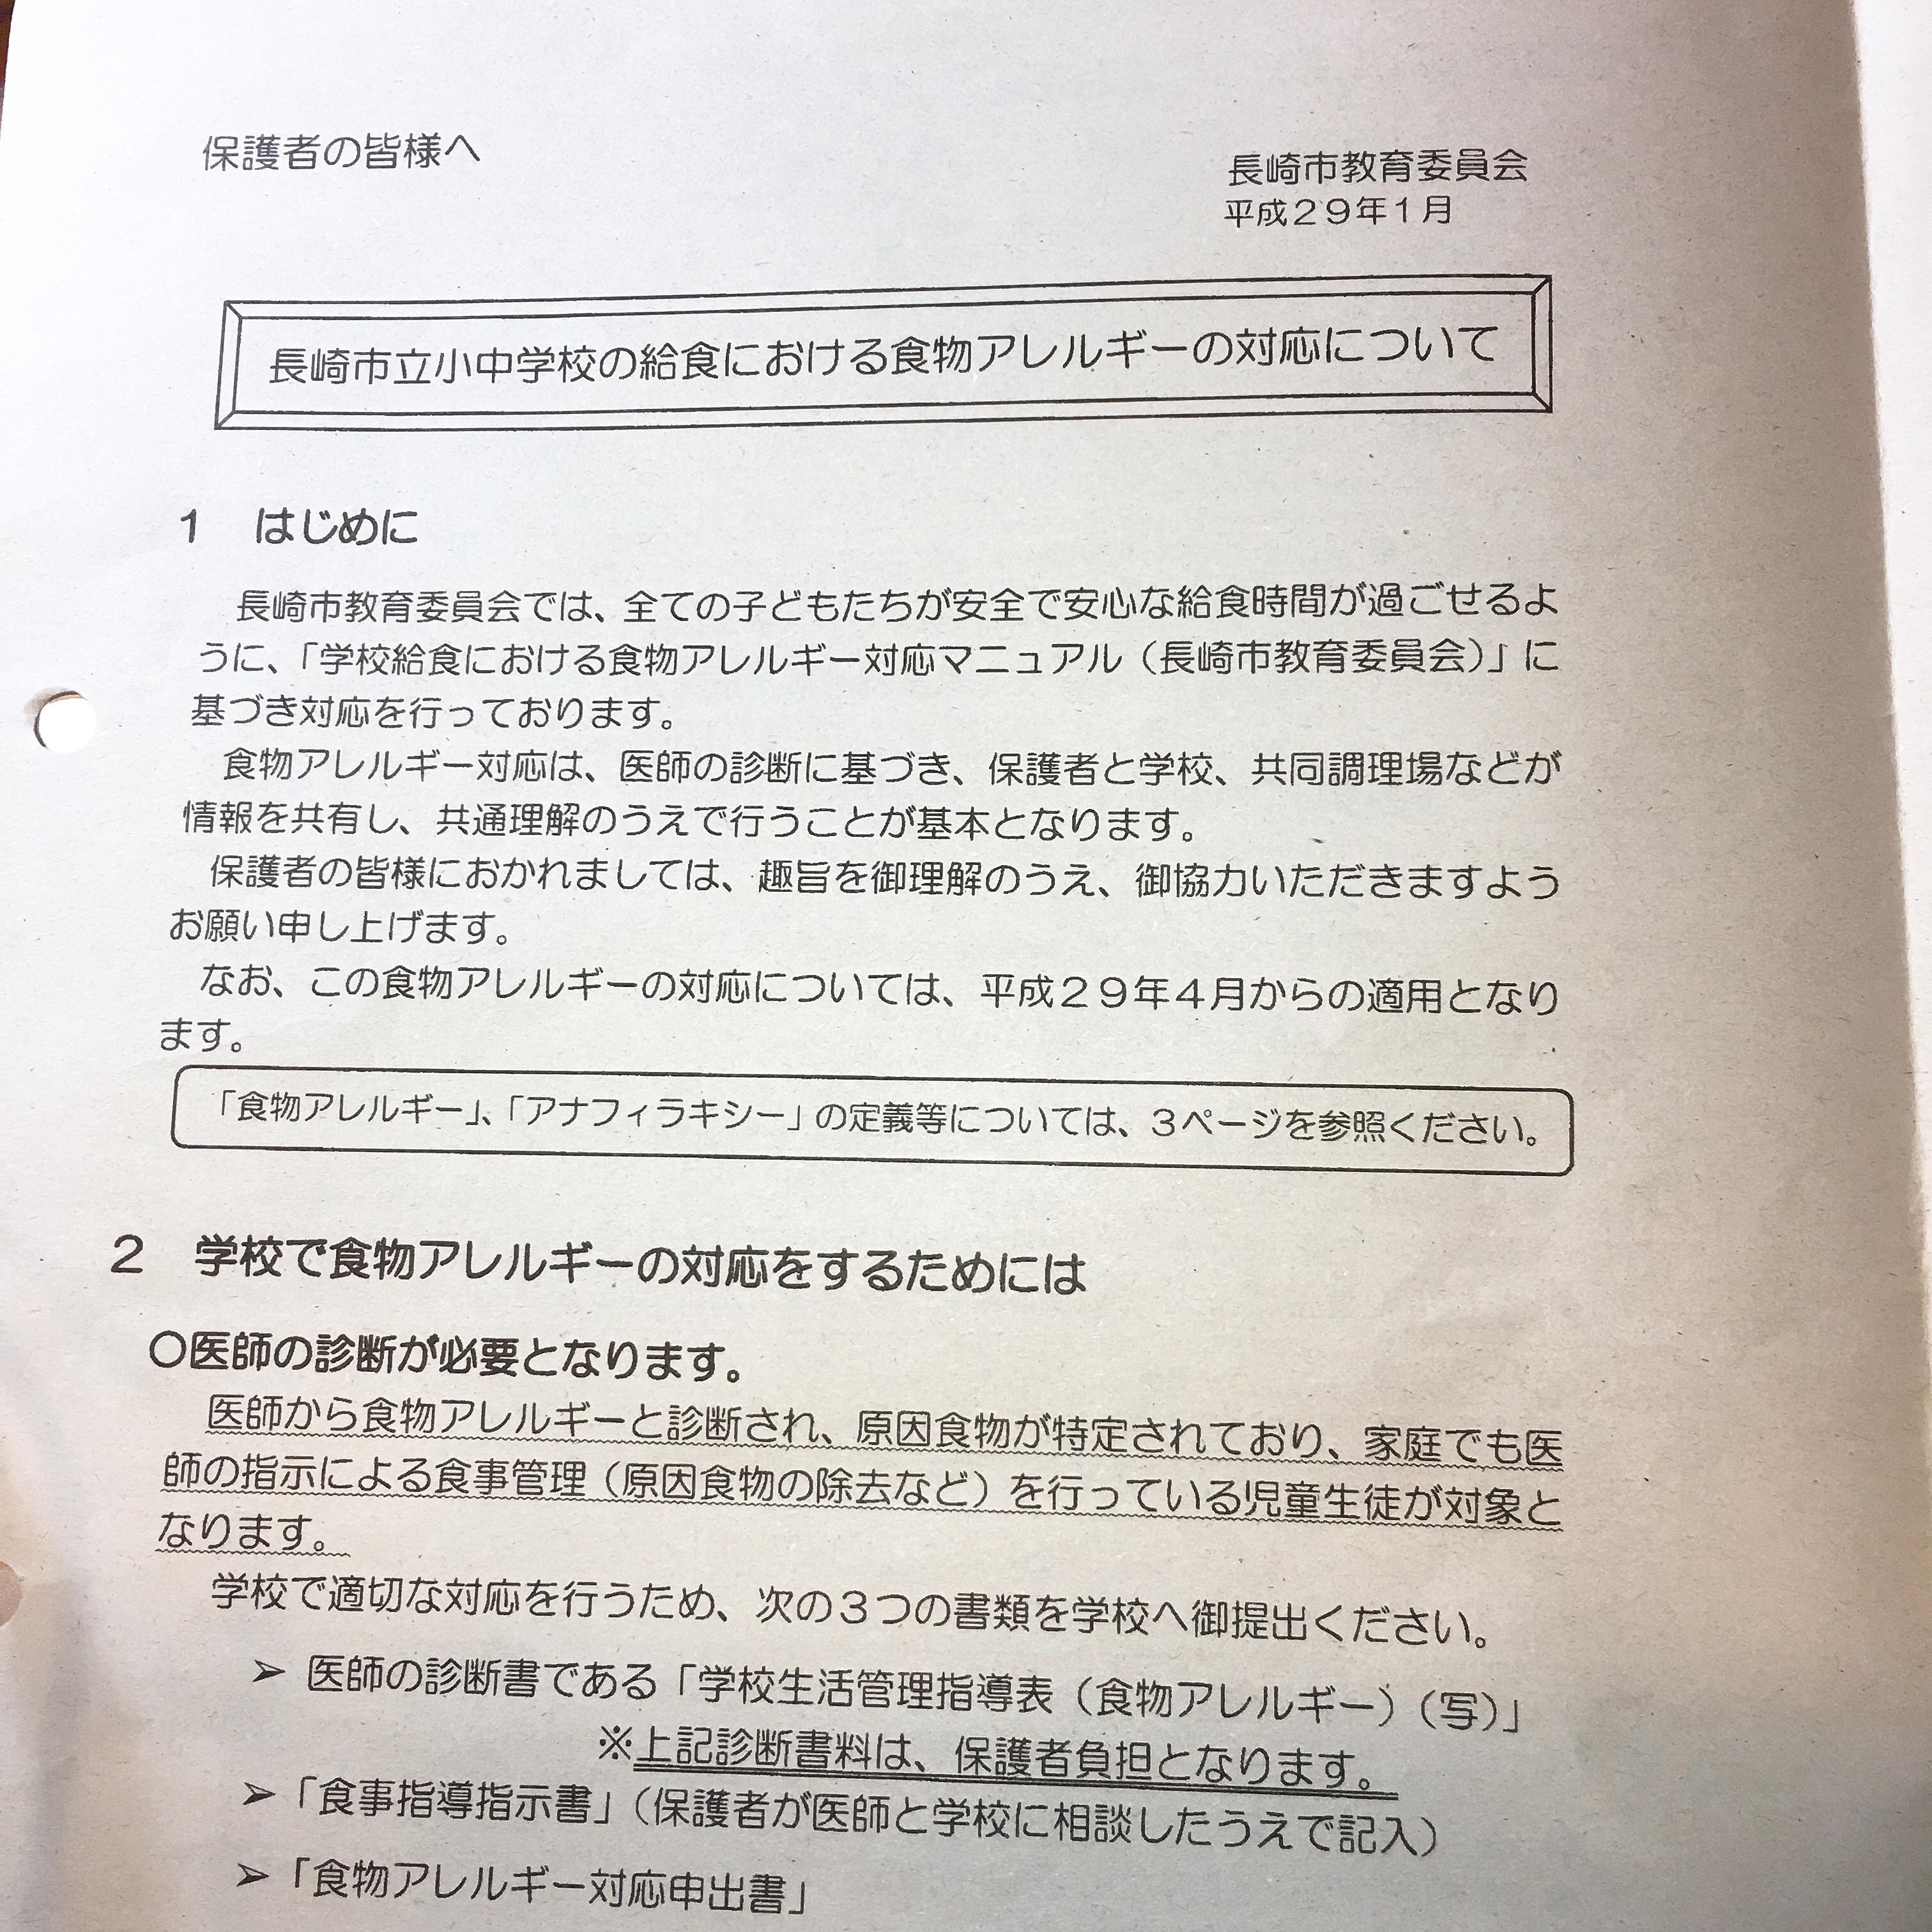 f:id:allergy_nagasakikko:20170201110515j:image